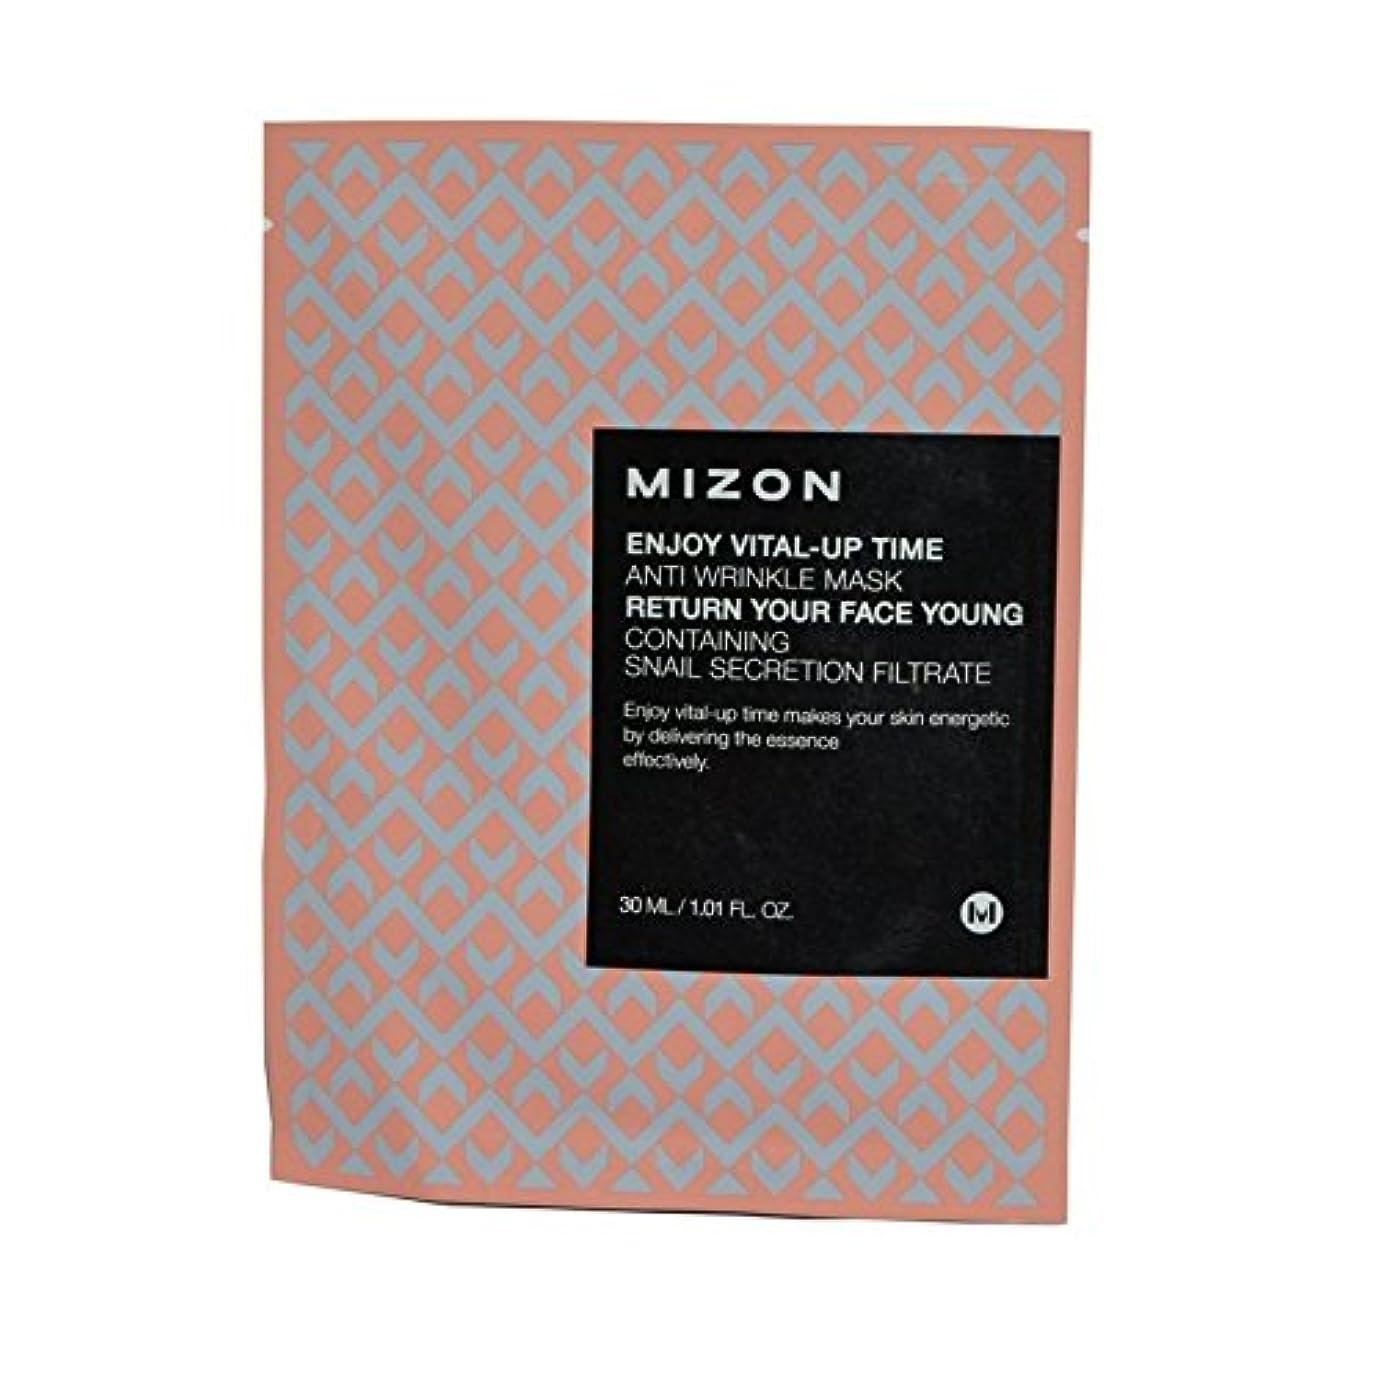 アンテナヘクタール抑圧Mizon Enjoy Vital Up Time Anti-Wrinkle Mask (Pack of 6) - が不可欠アップ時間抗しわマスクを楽しみます x6 [並行輸入品]